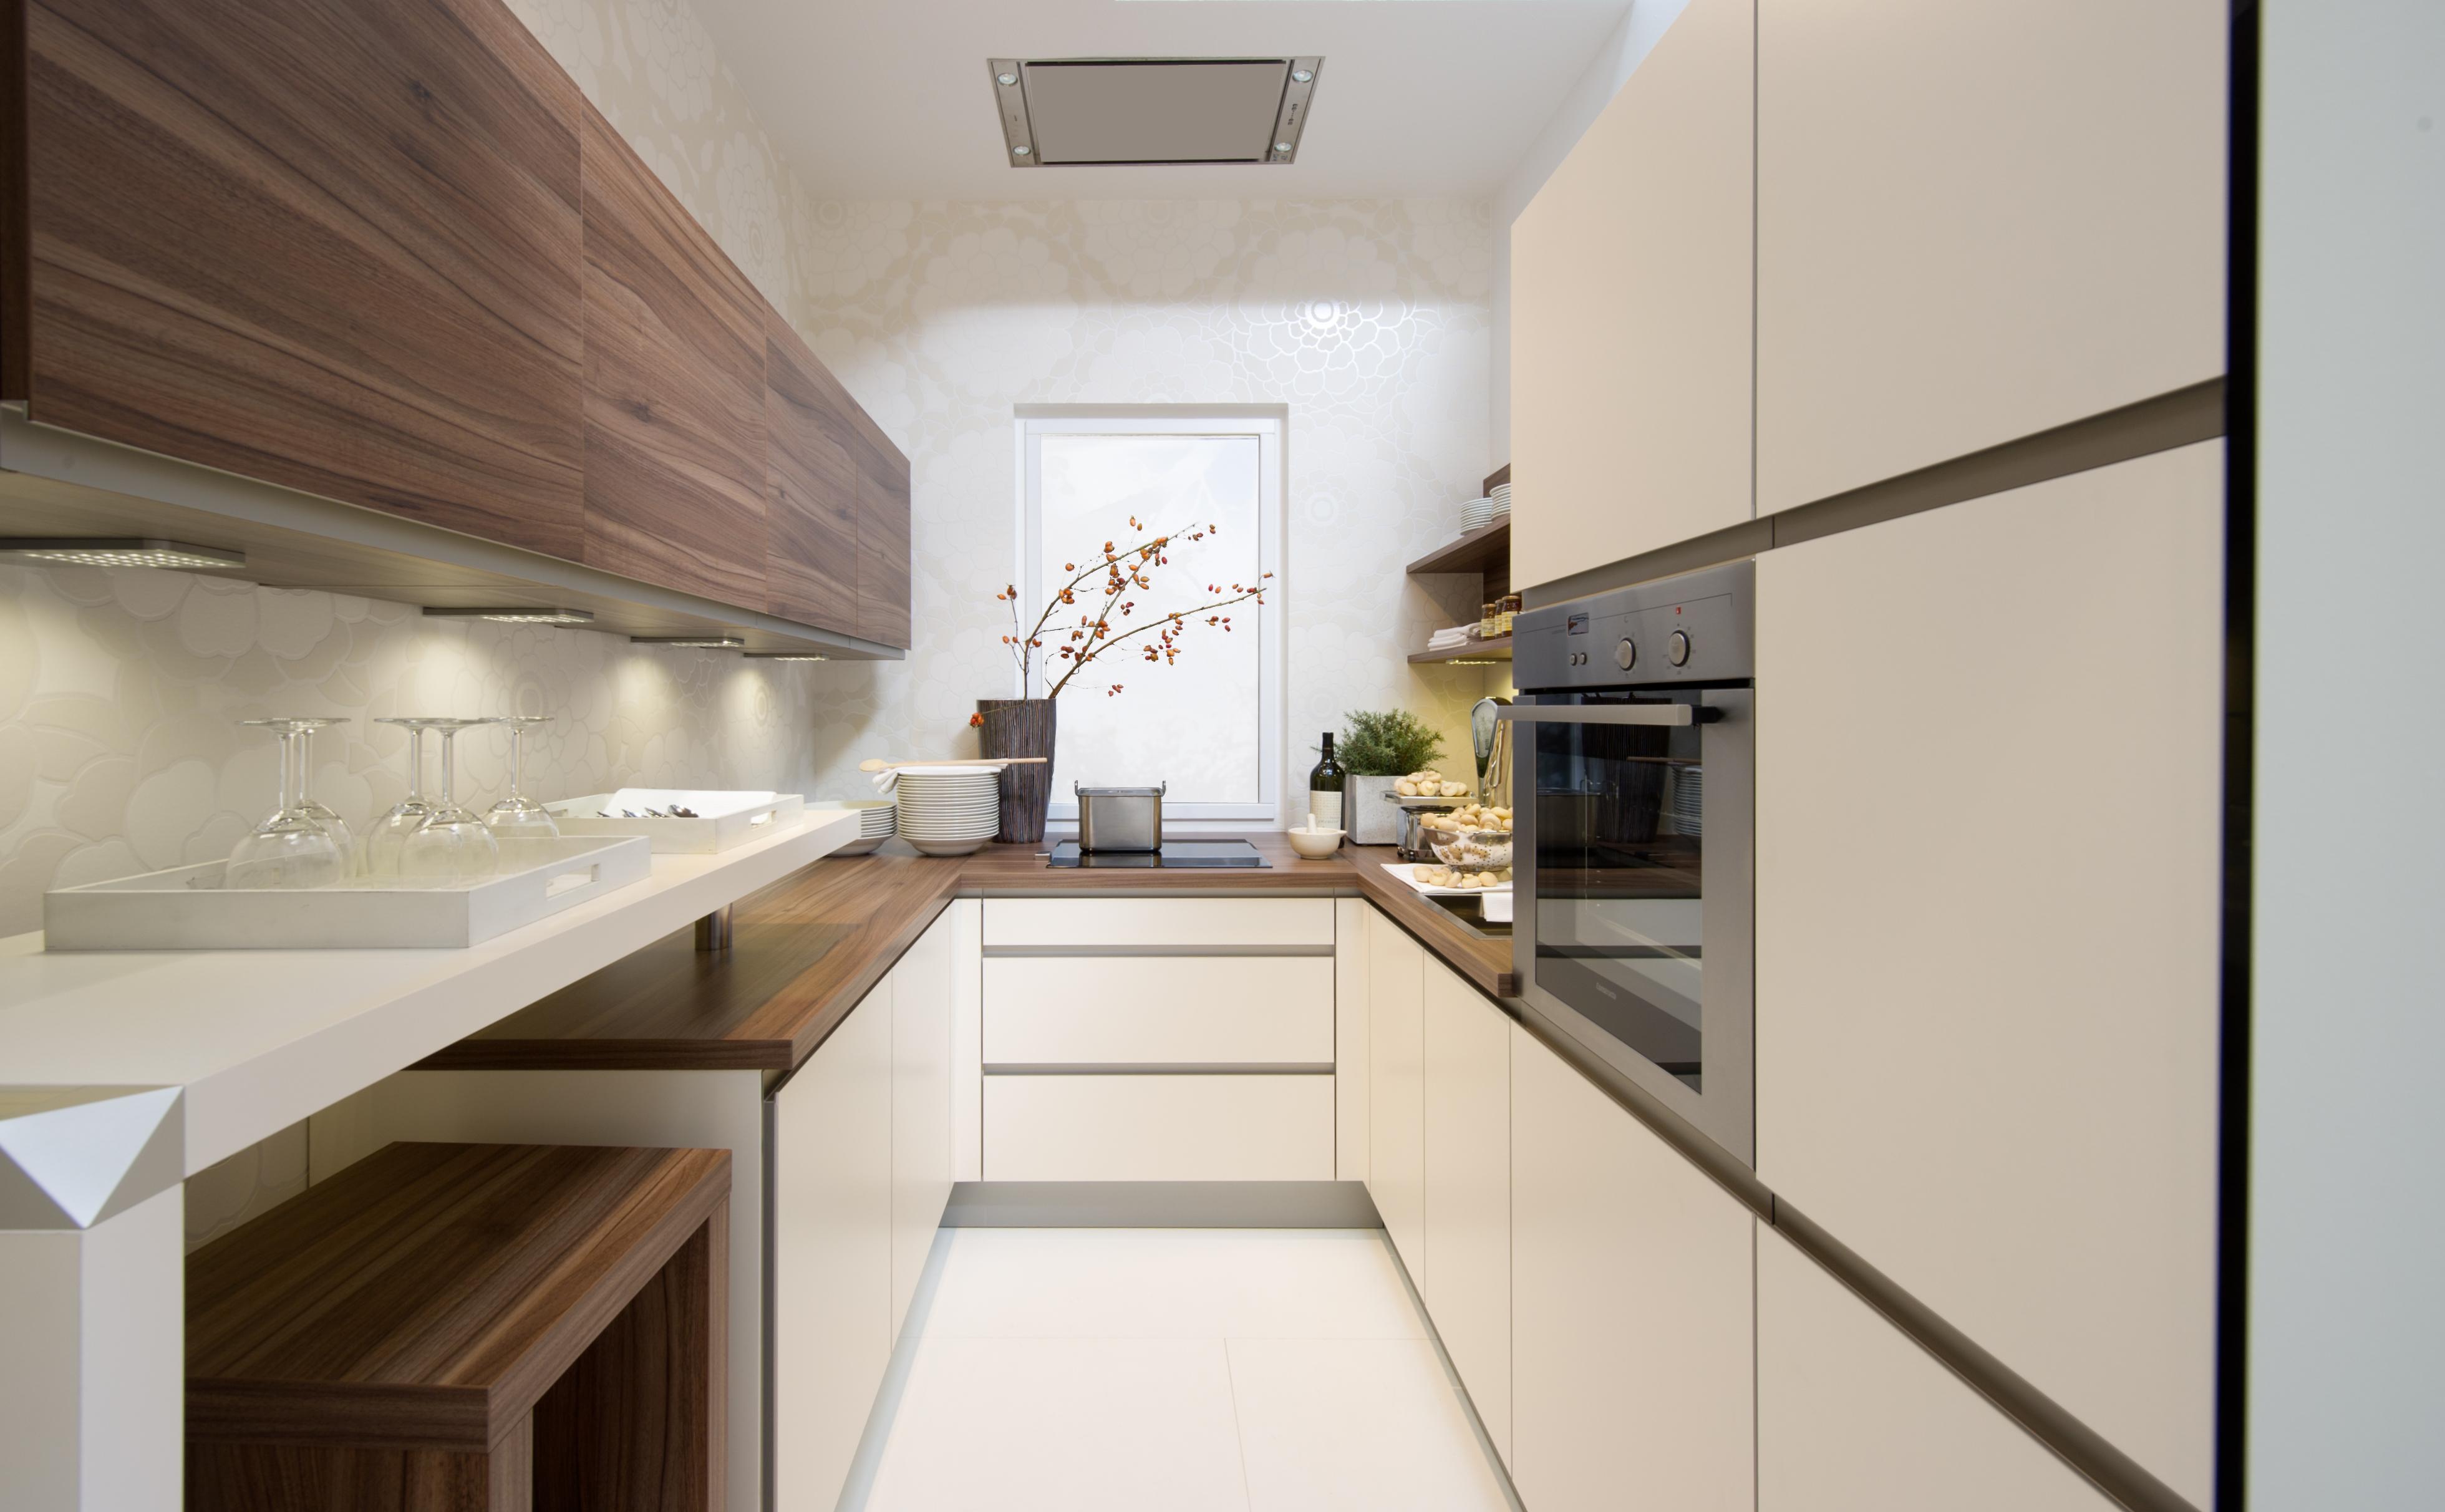 Дизайн узкой длинной кухни: планировка, интерьер на фото + в.